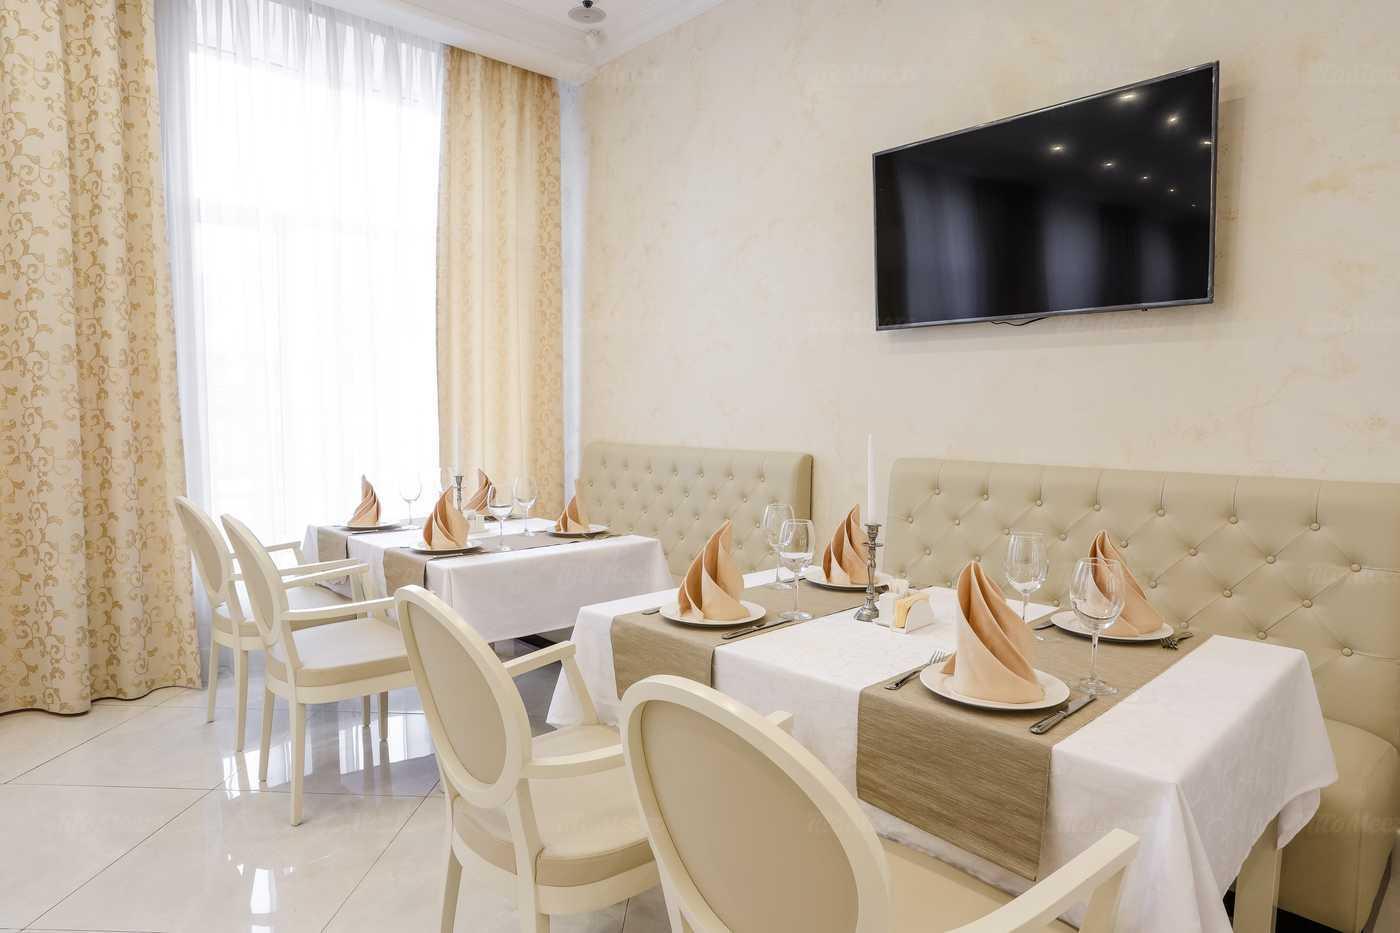 Ресторан Таволата на Лафонской фото 14